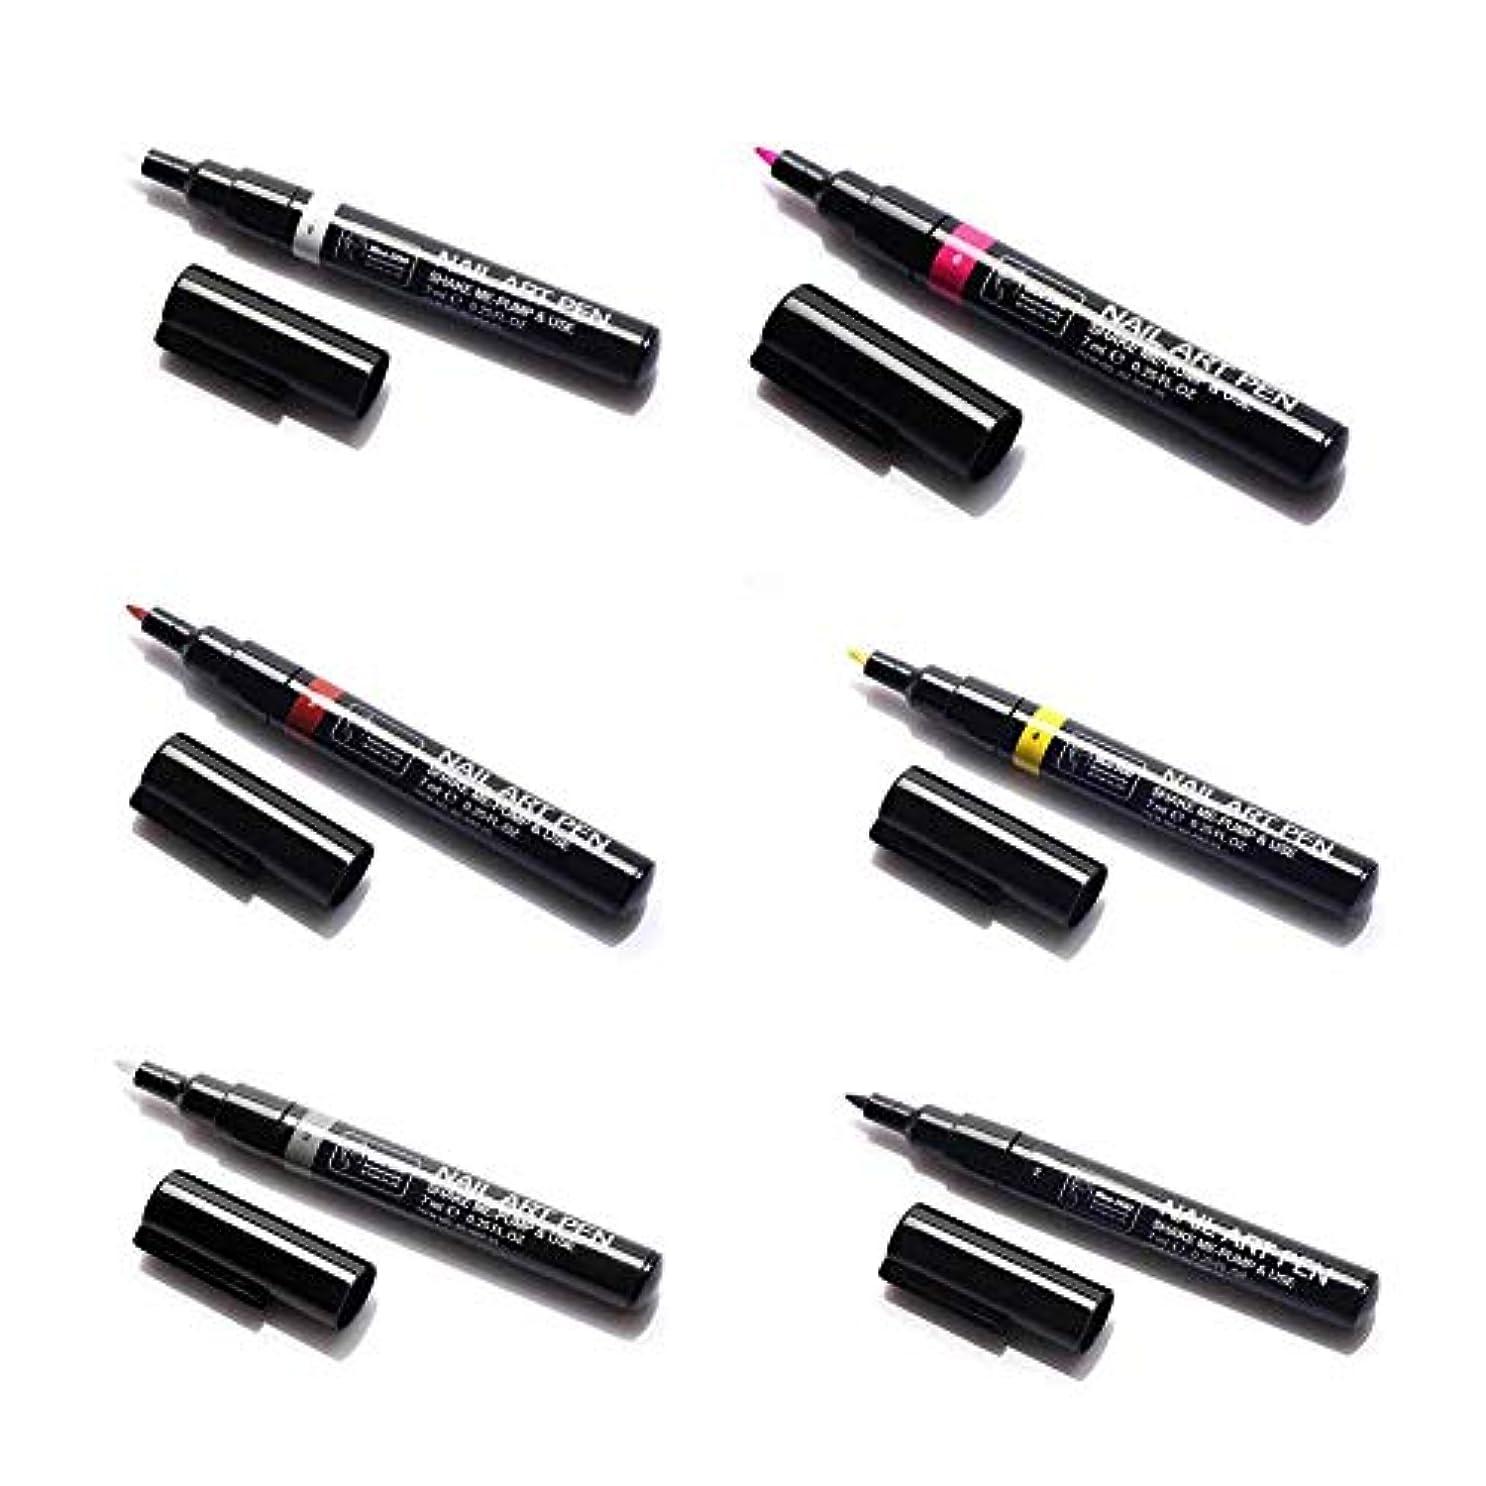 6ピースネイルアートペン、3dネイルアートdiy装飾ネイルポリッシュペンセットネイル美容ツールペイントペン(1#)